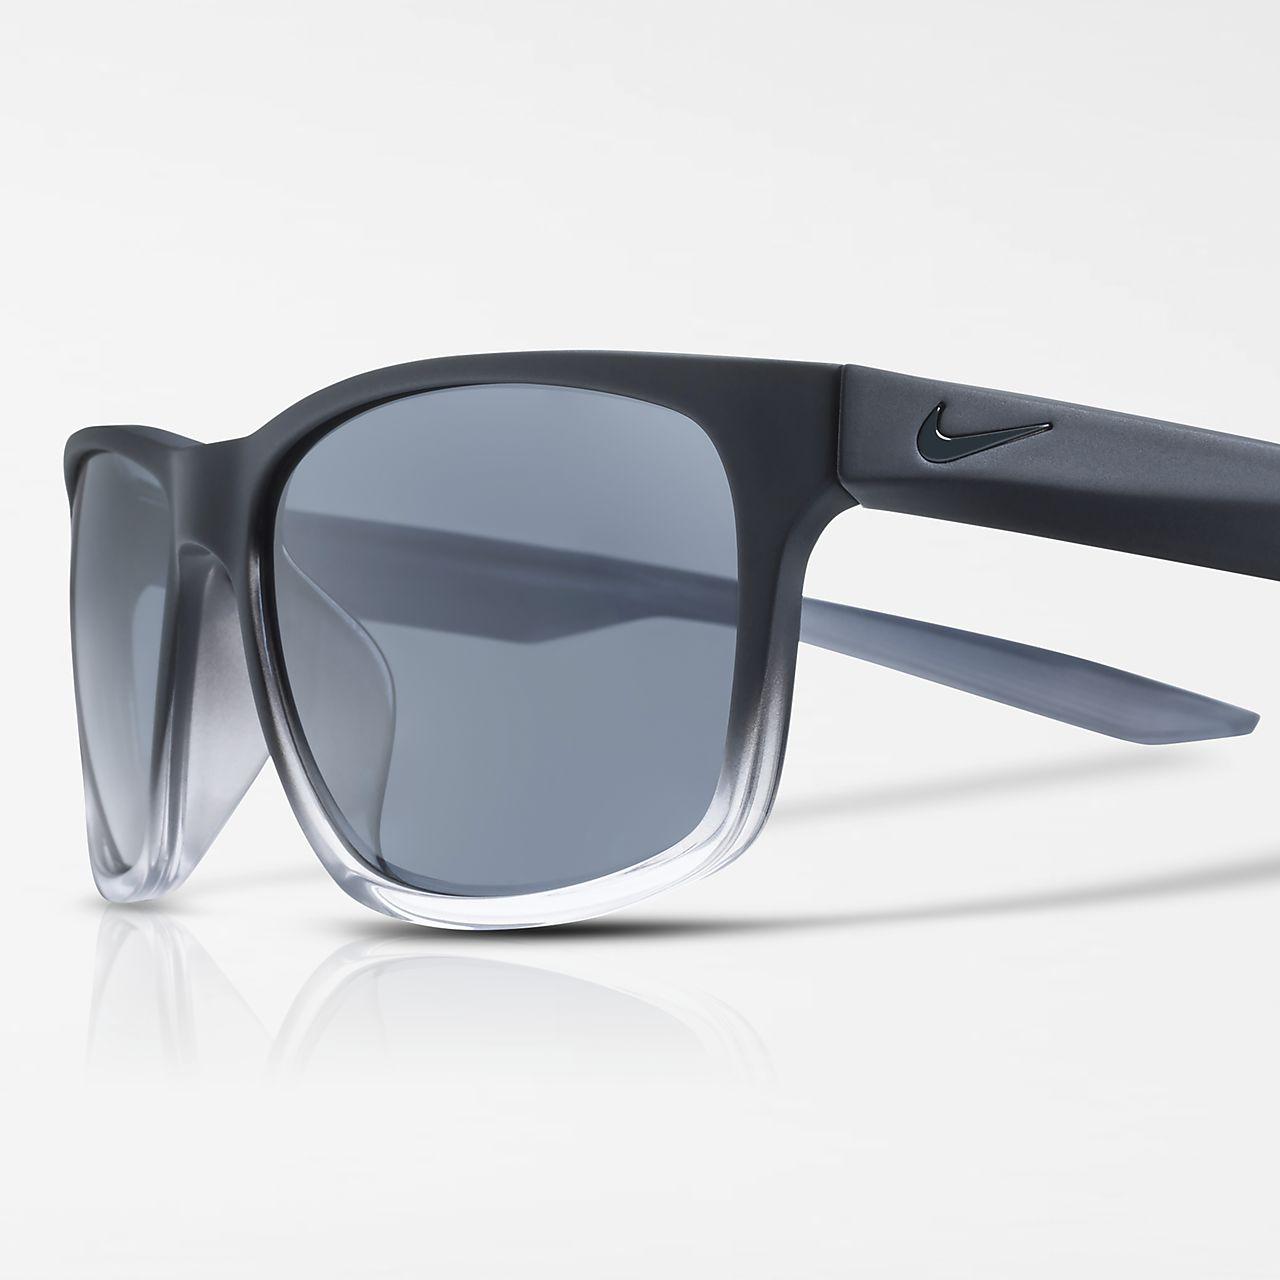 49424f6497cb Sluneční brýle Nike Essential Chaser. Nike.com CZ